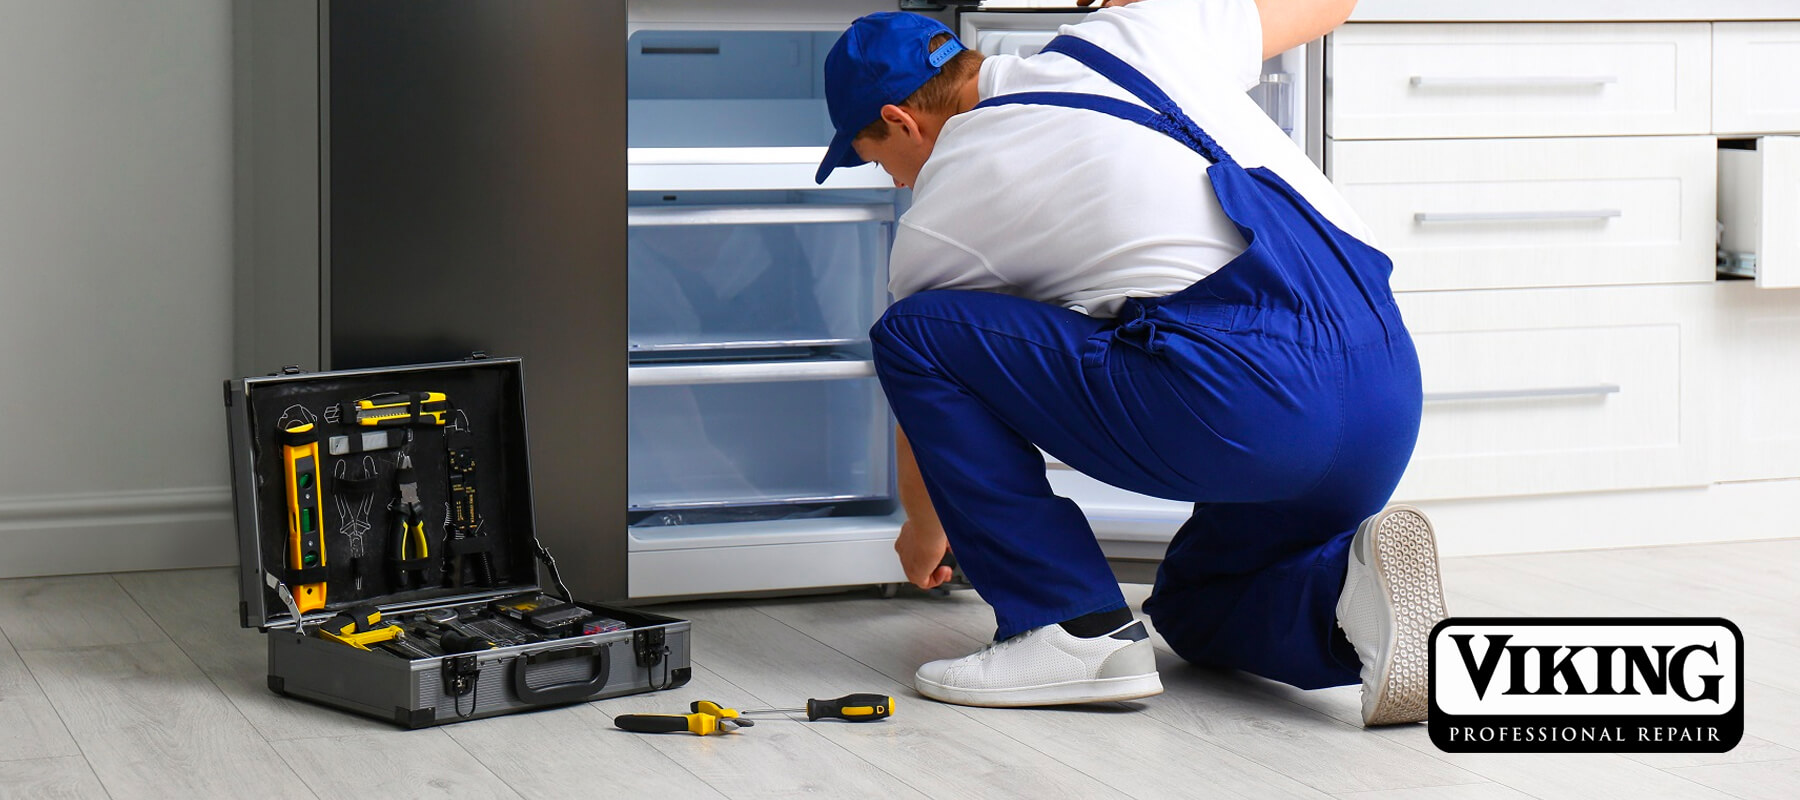 Viking Refrigerator Repair | Professional Viking Repair